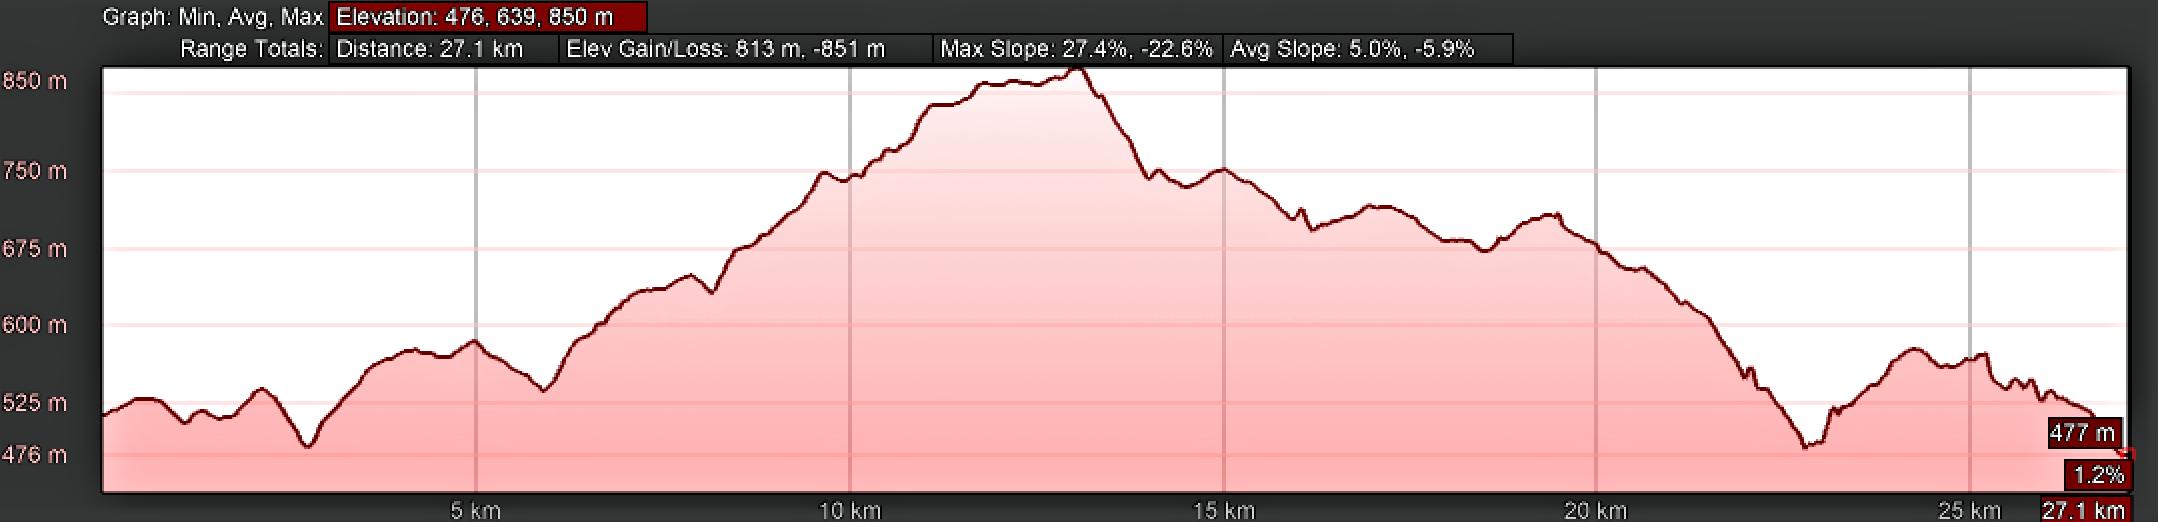 Elevation Profile, Camino Sanabrés, Cea to Estación de Lalín, Standard Route